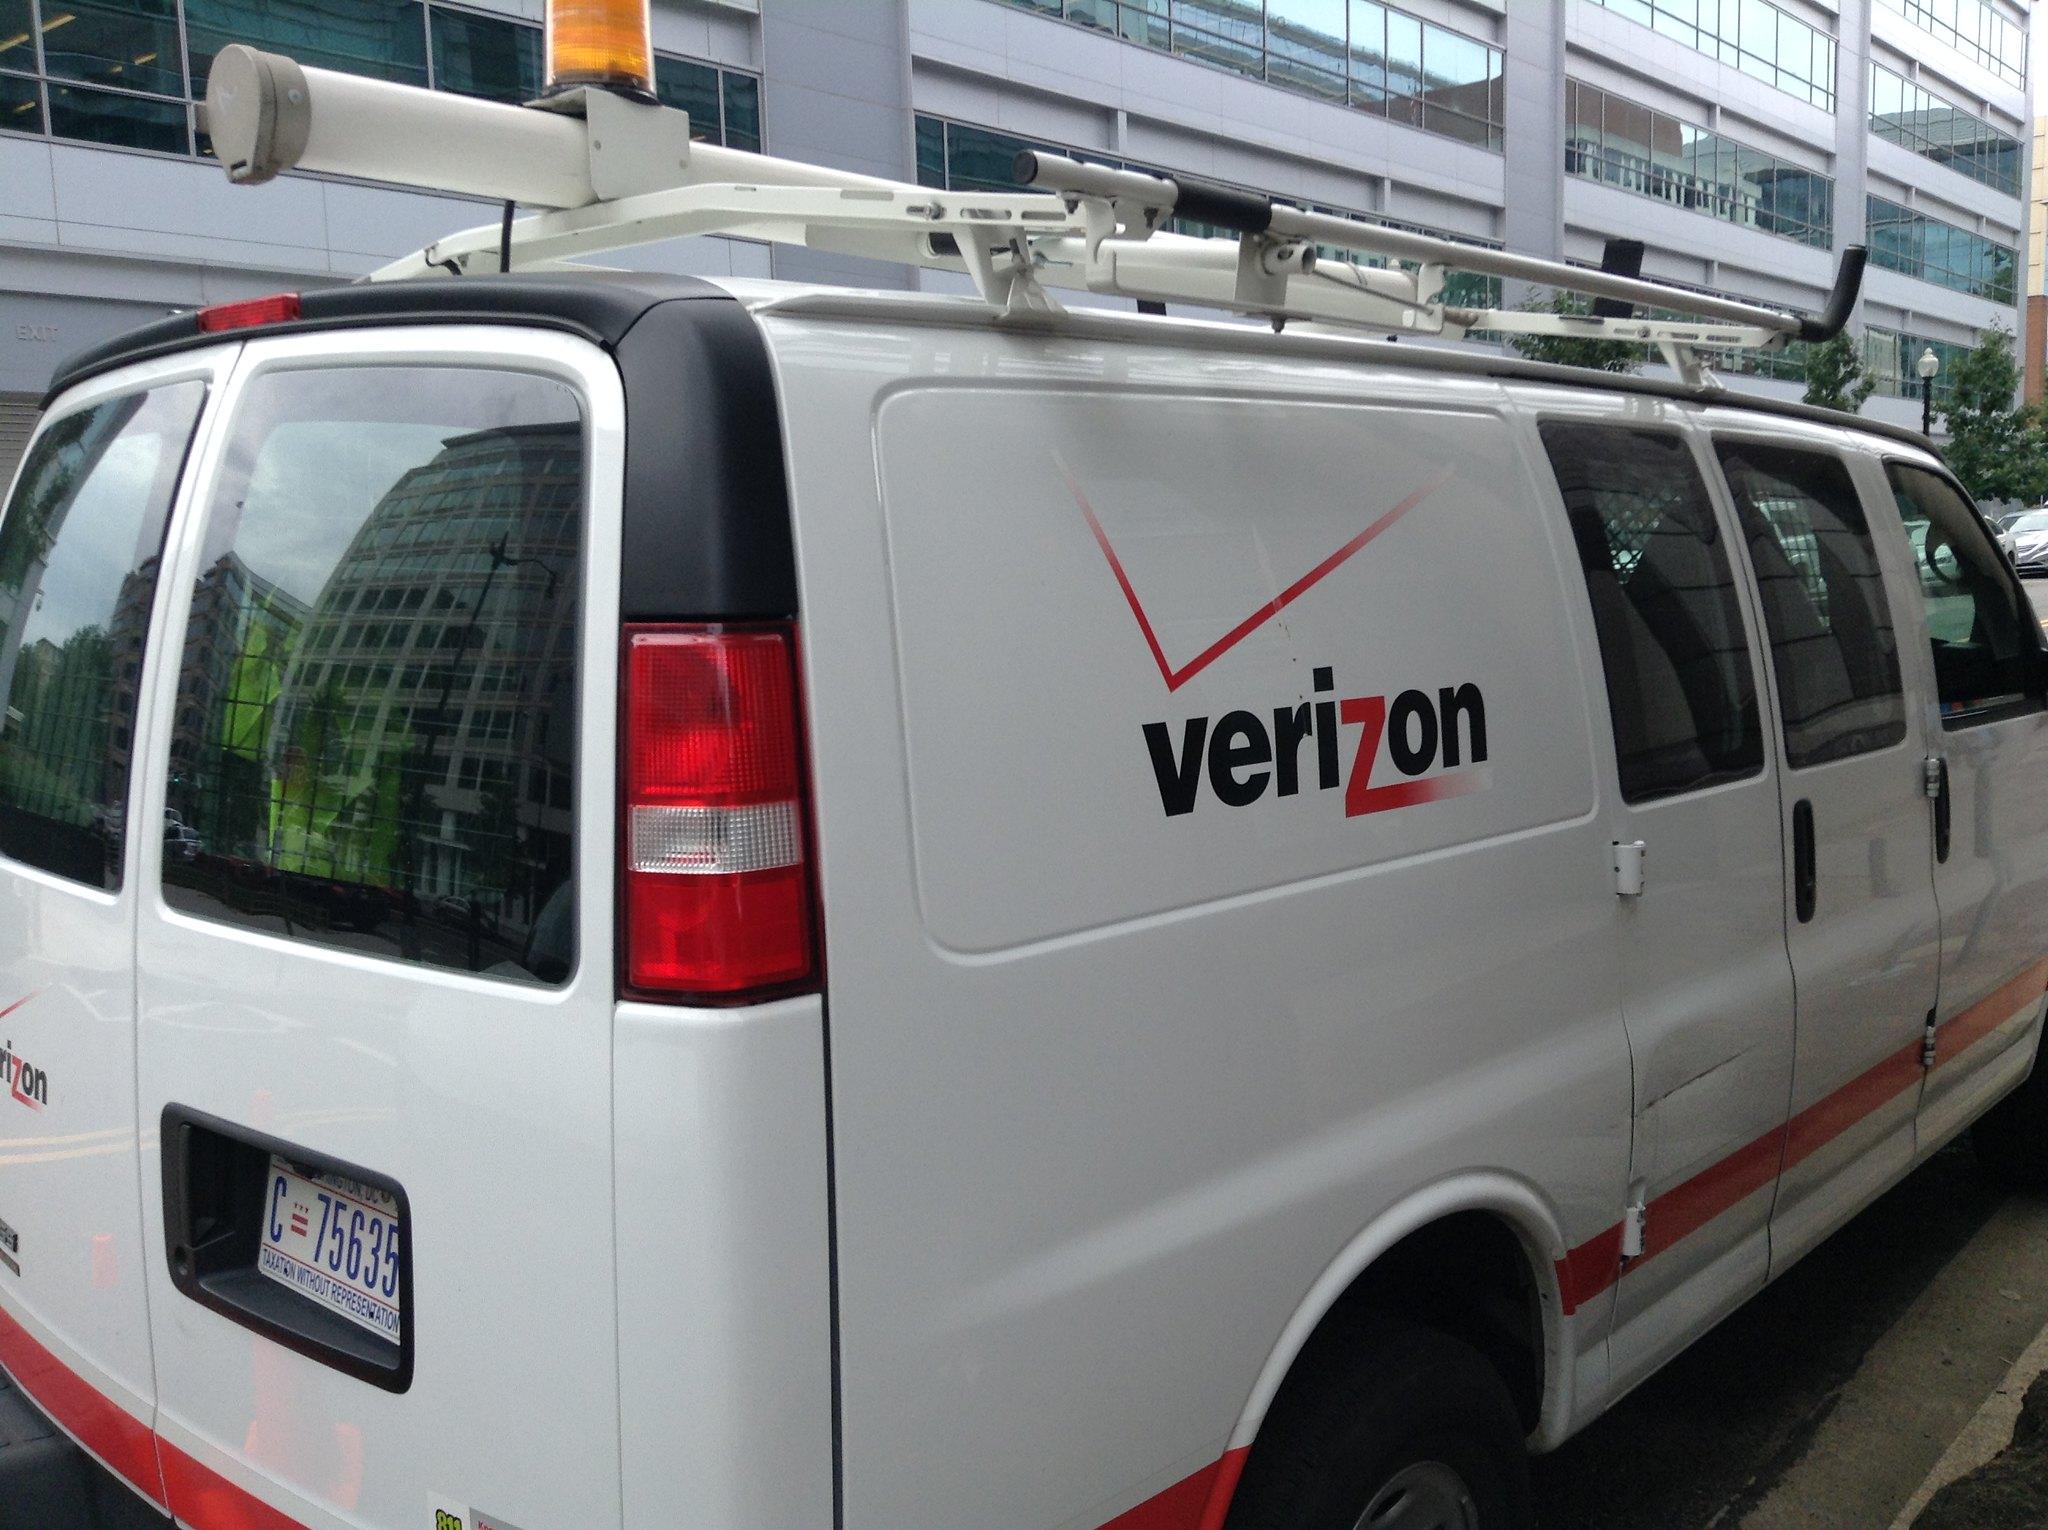 Verizon work van